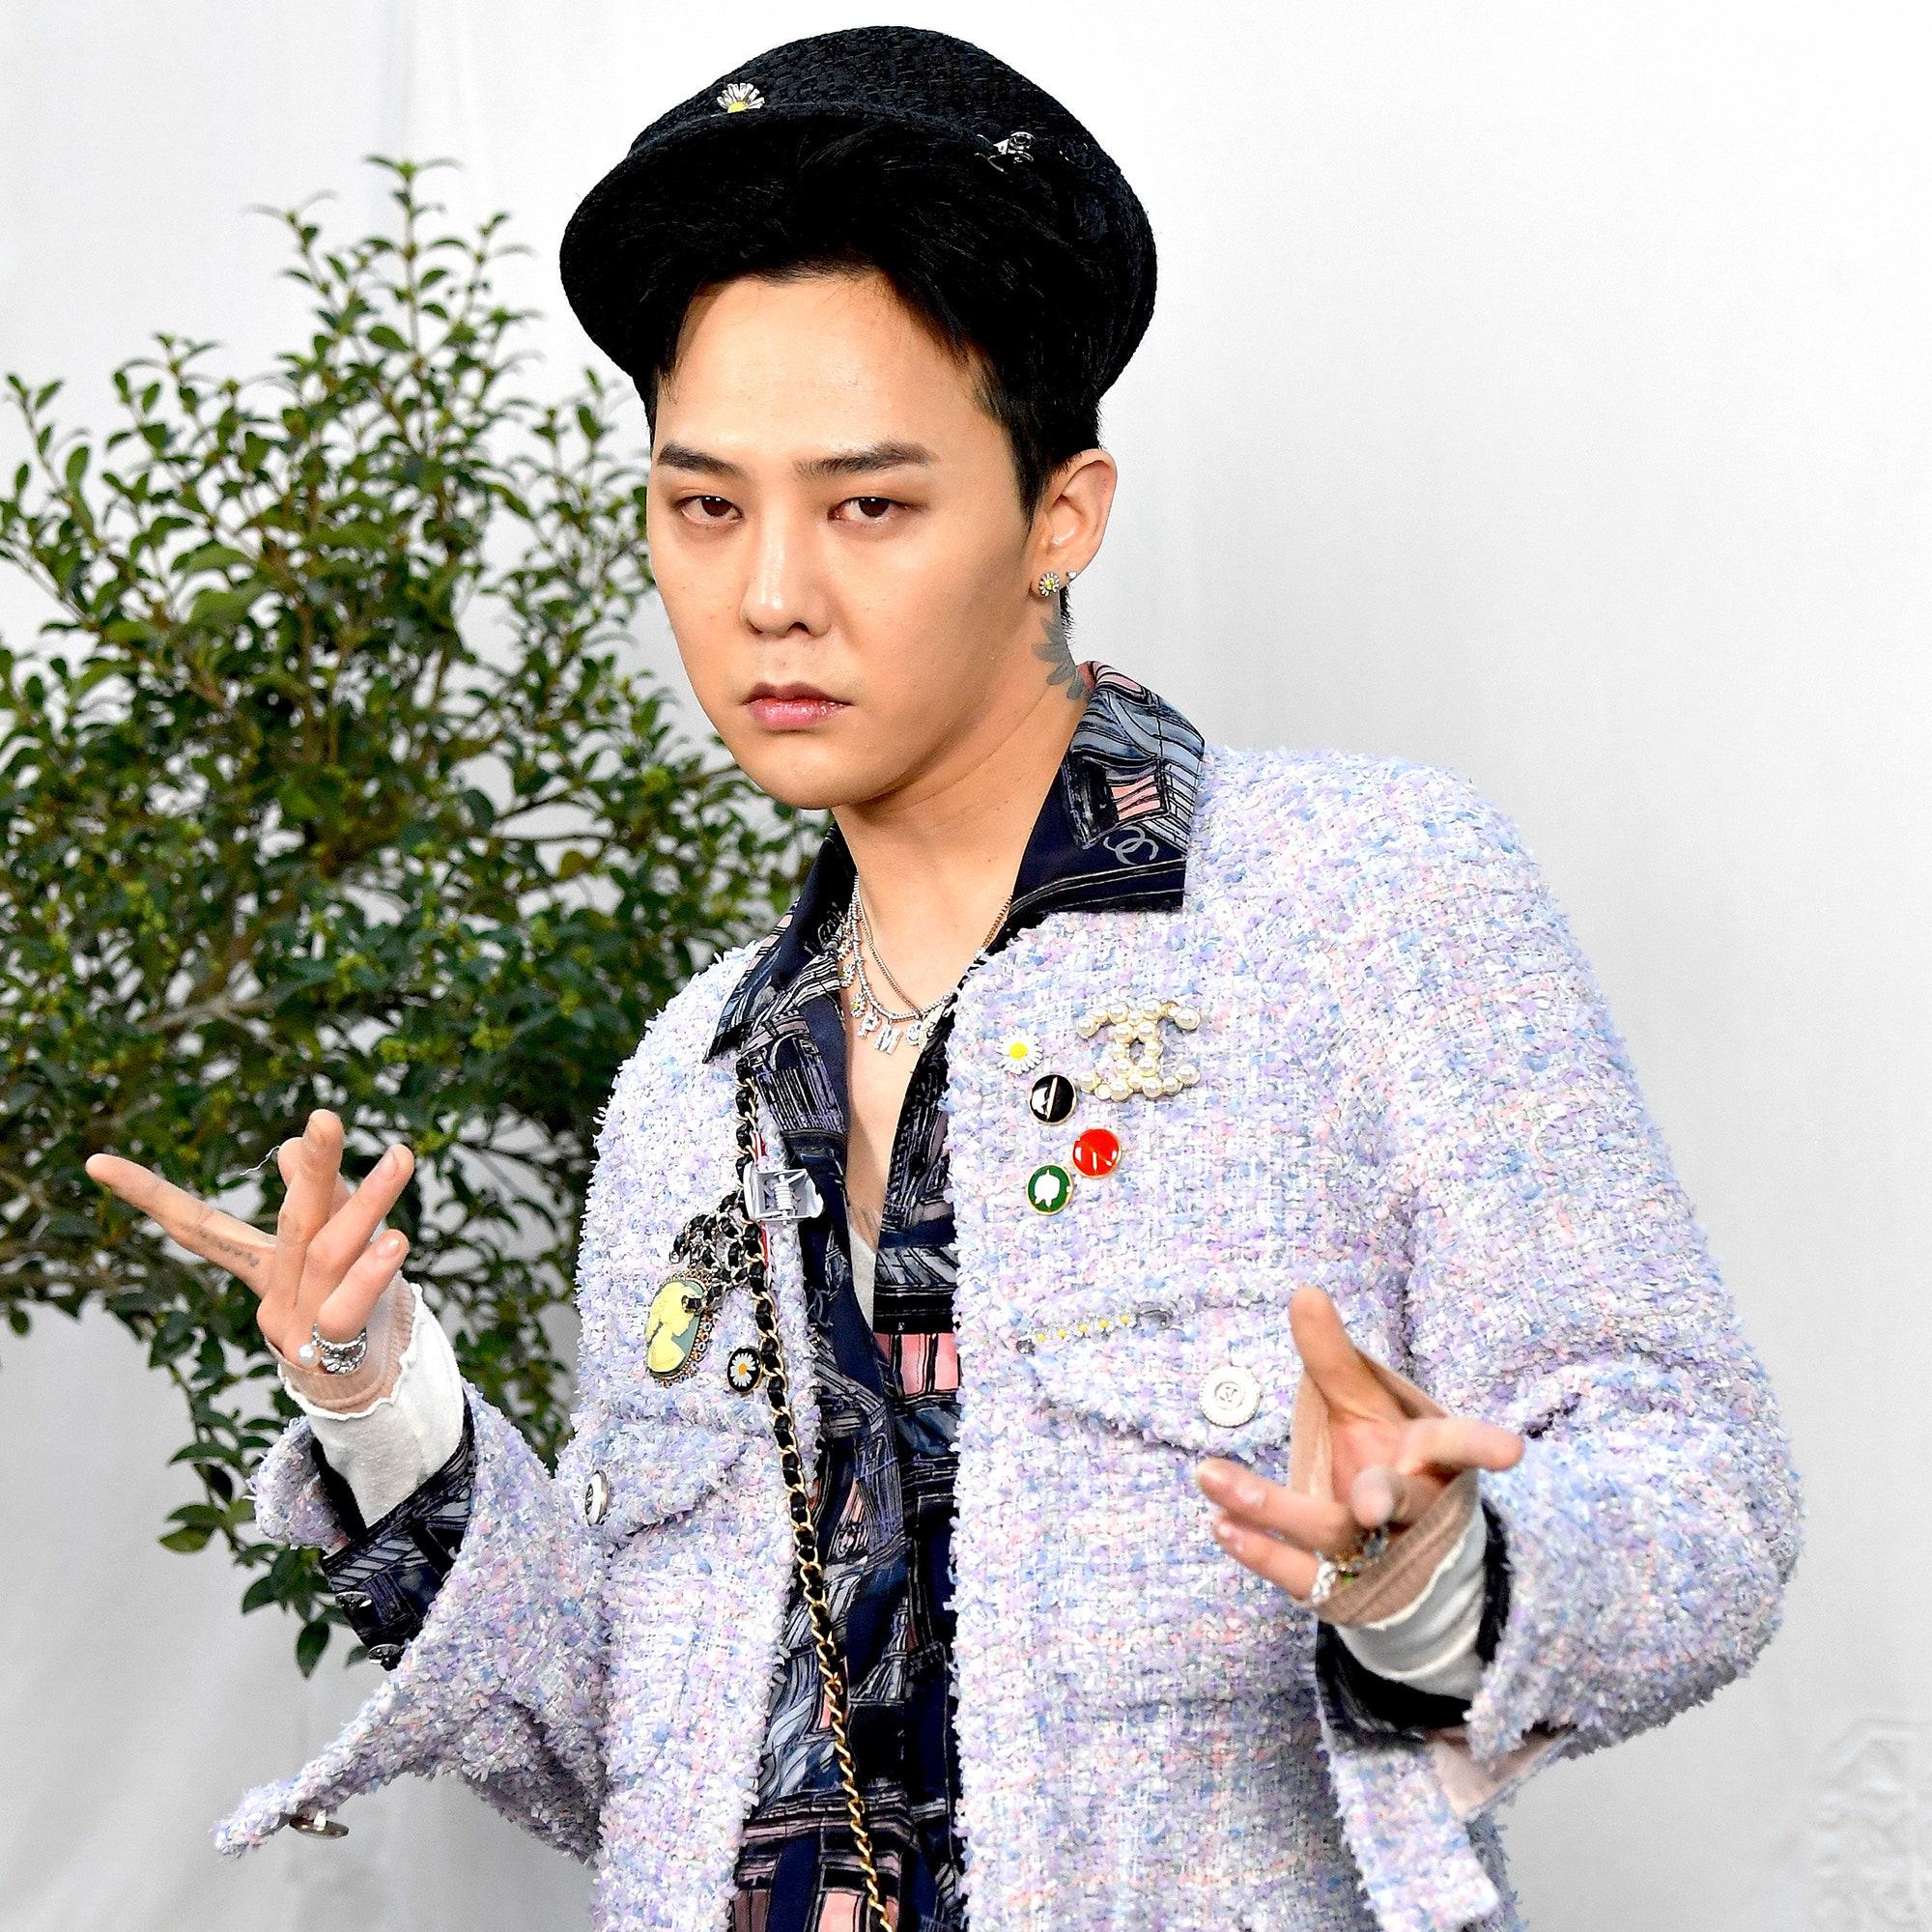 sao kpop G-Dragon dự Chanel show at Paris Fashion Week 2020